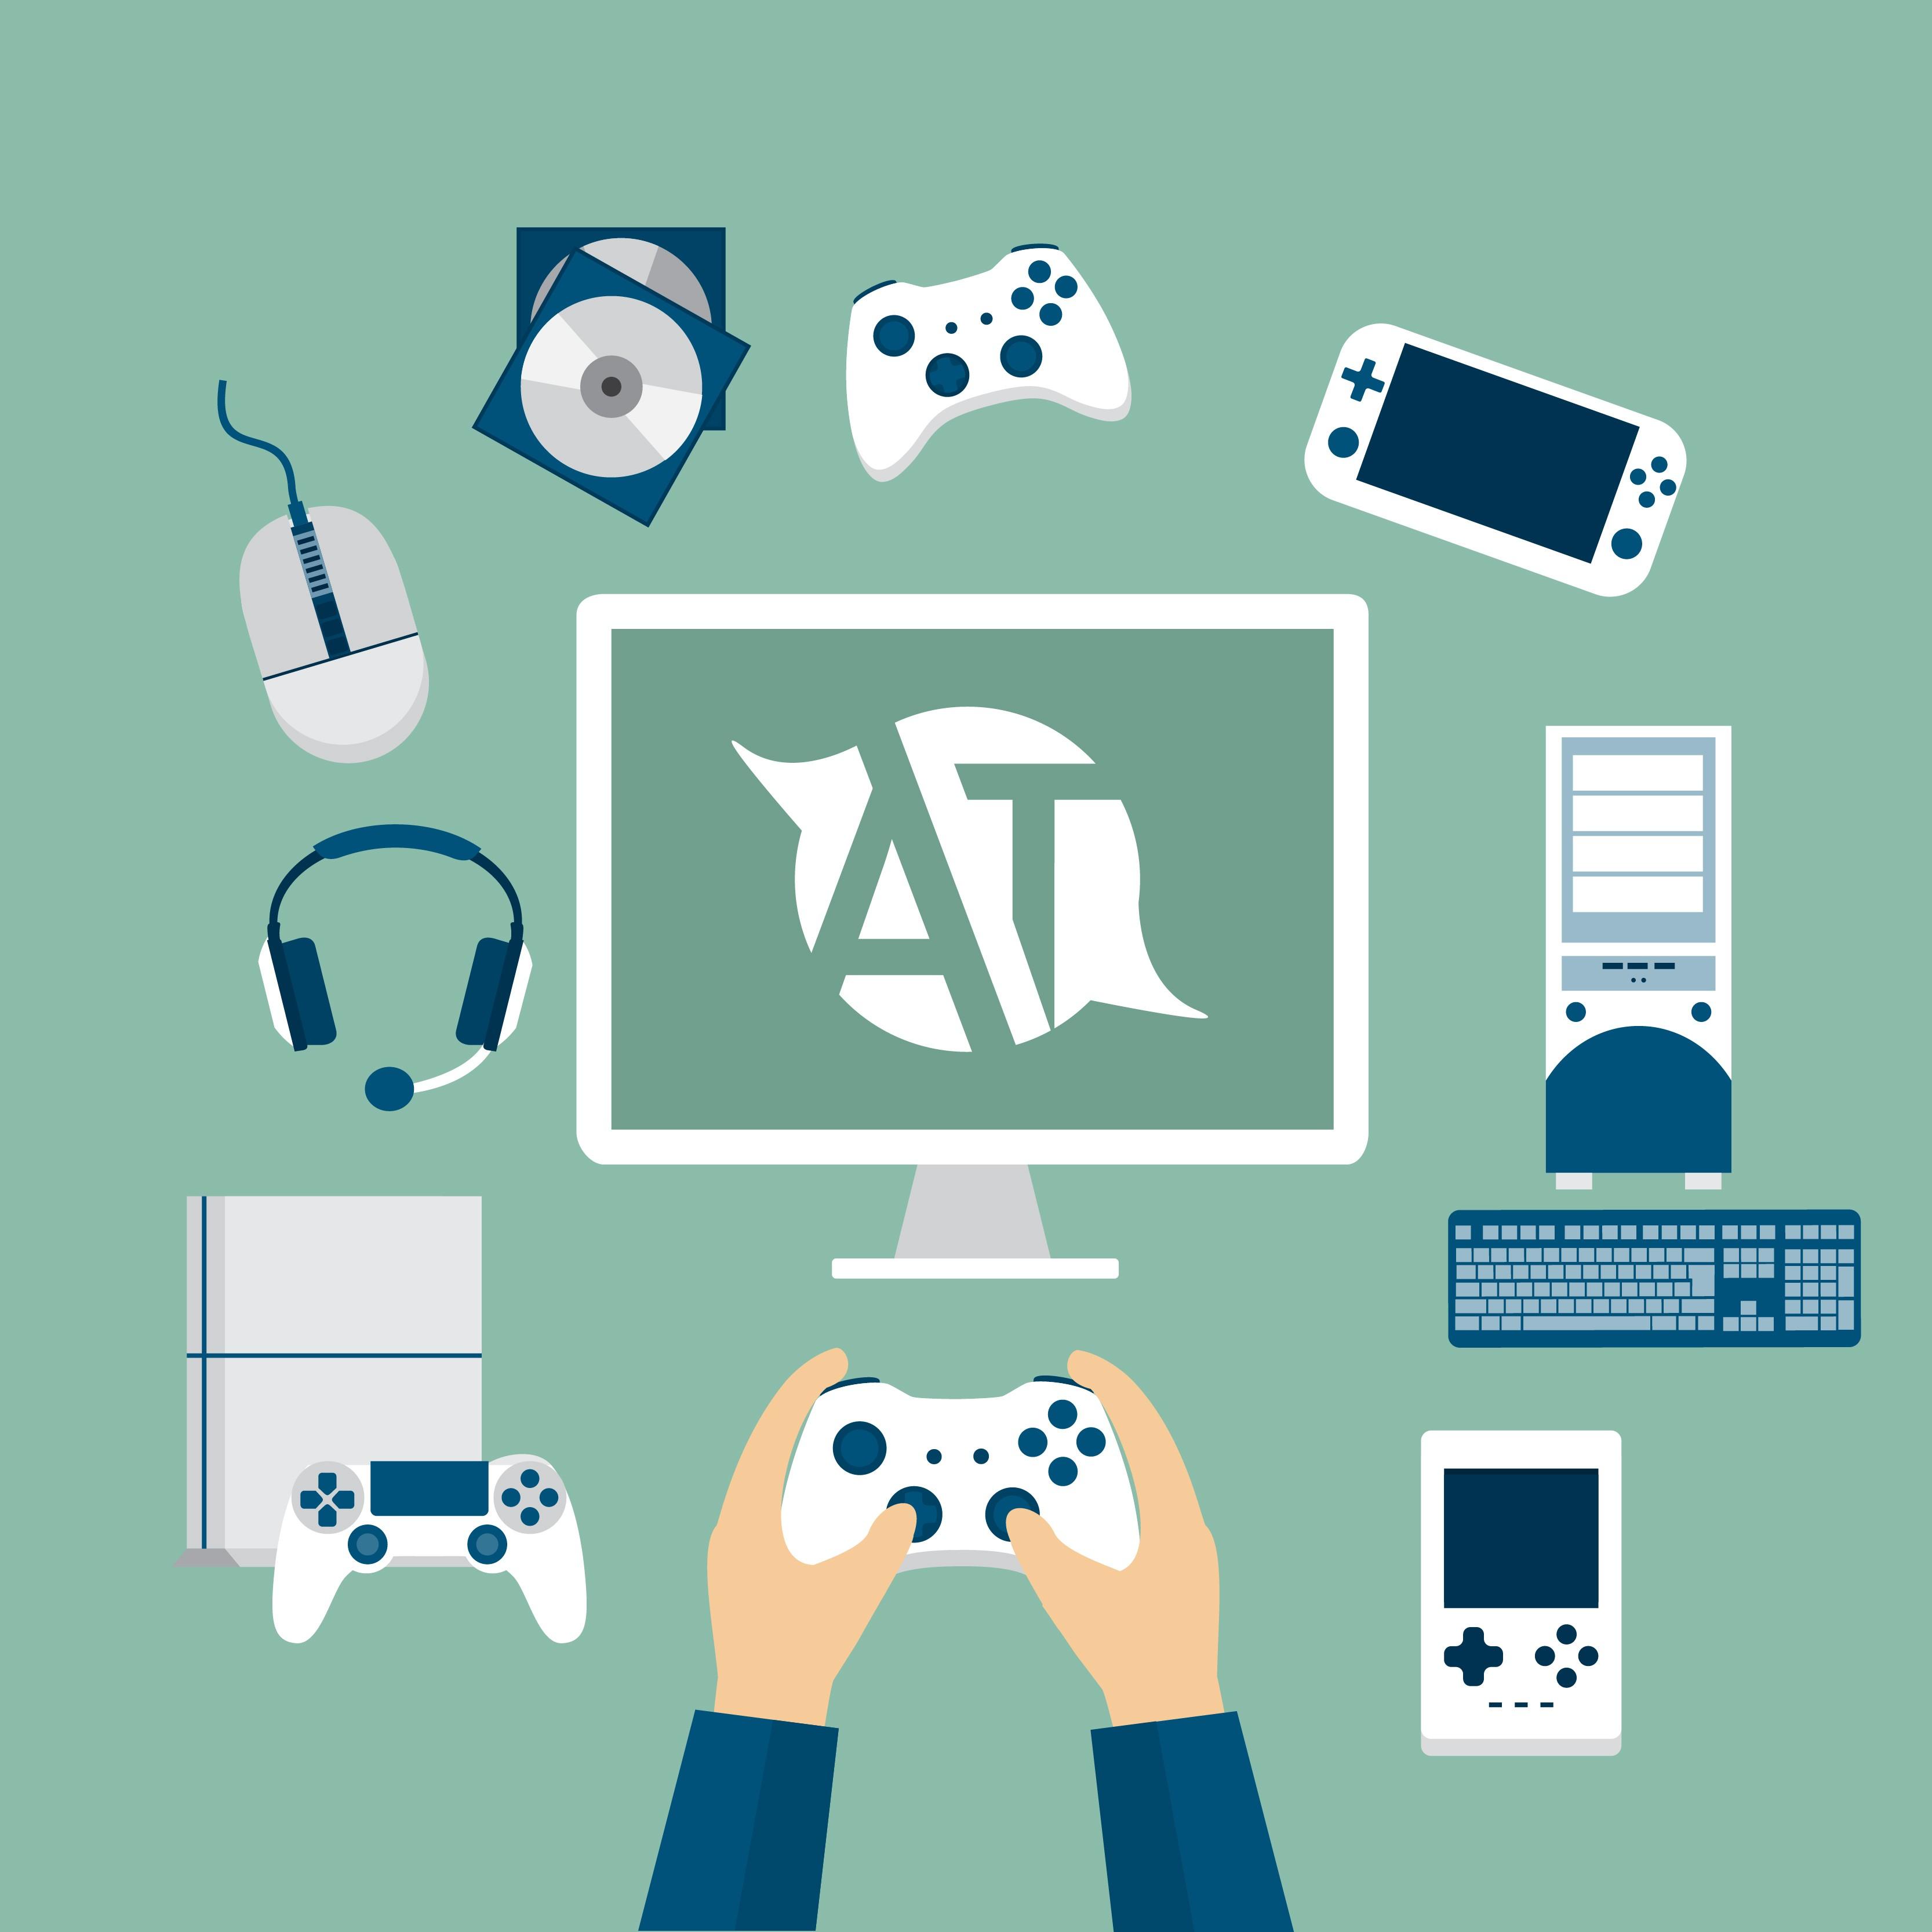 localisation de jeux vidéo